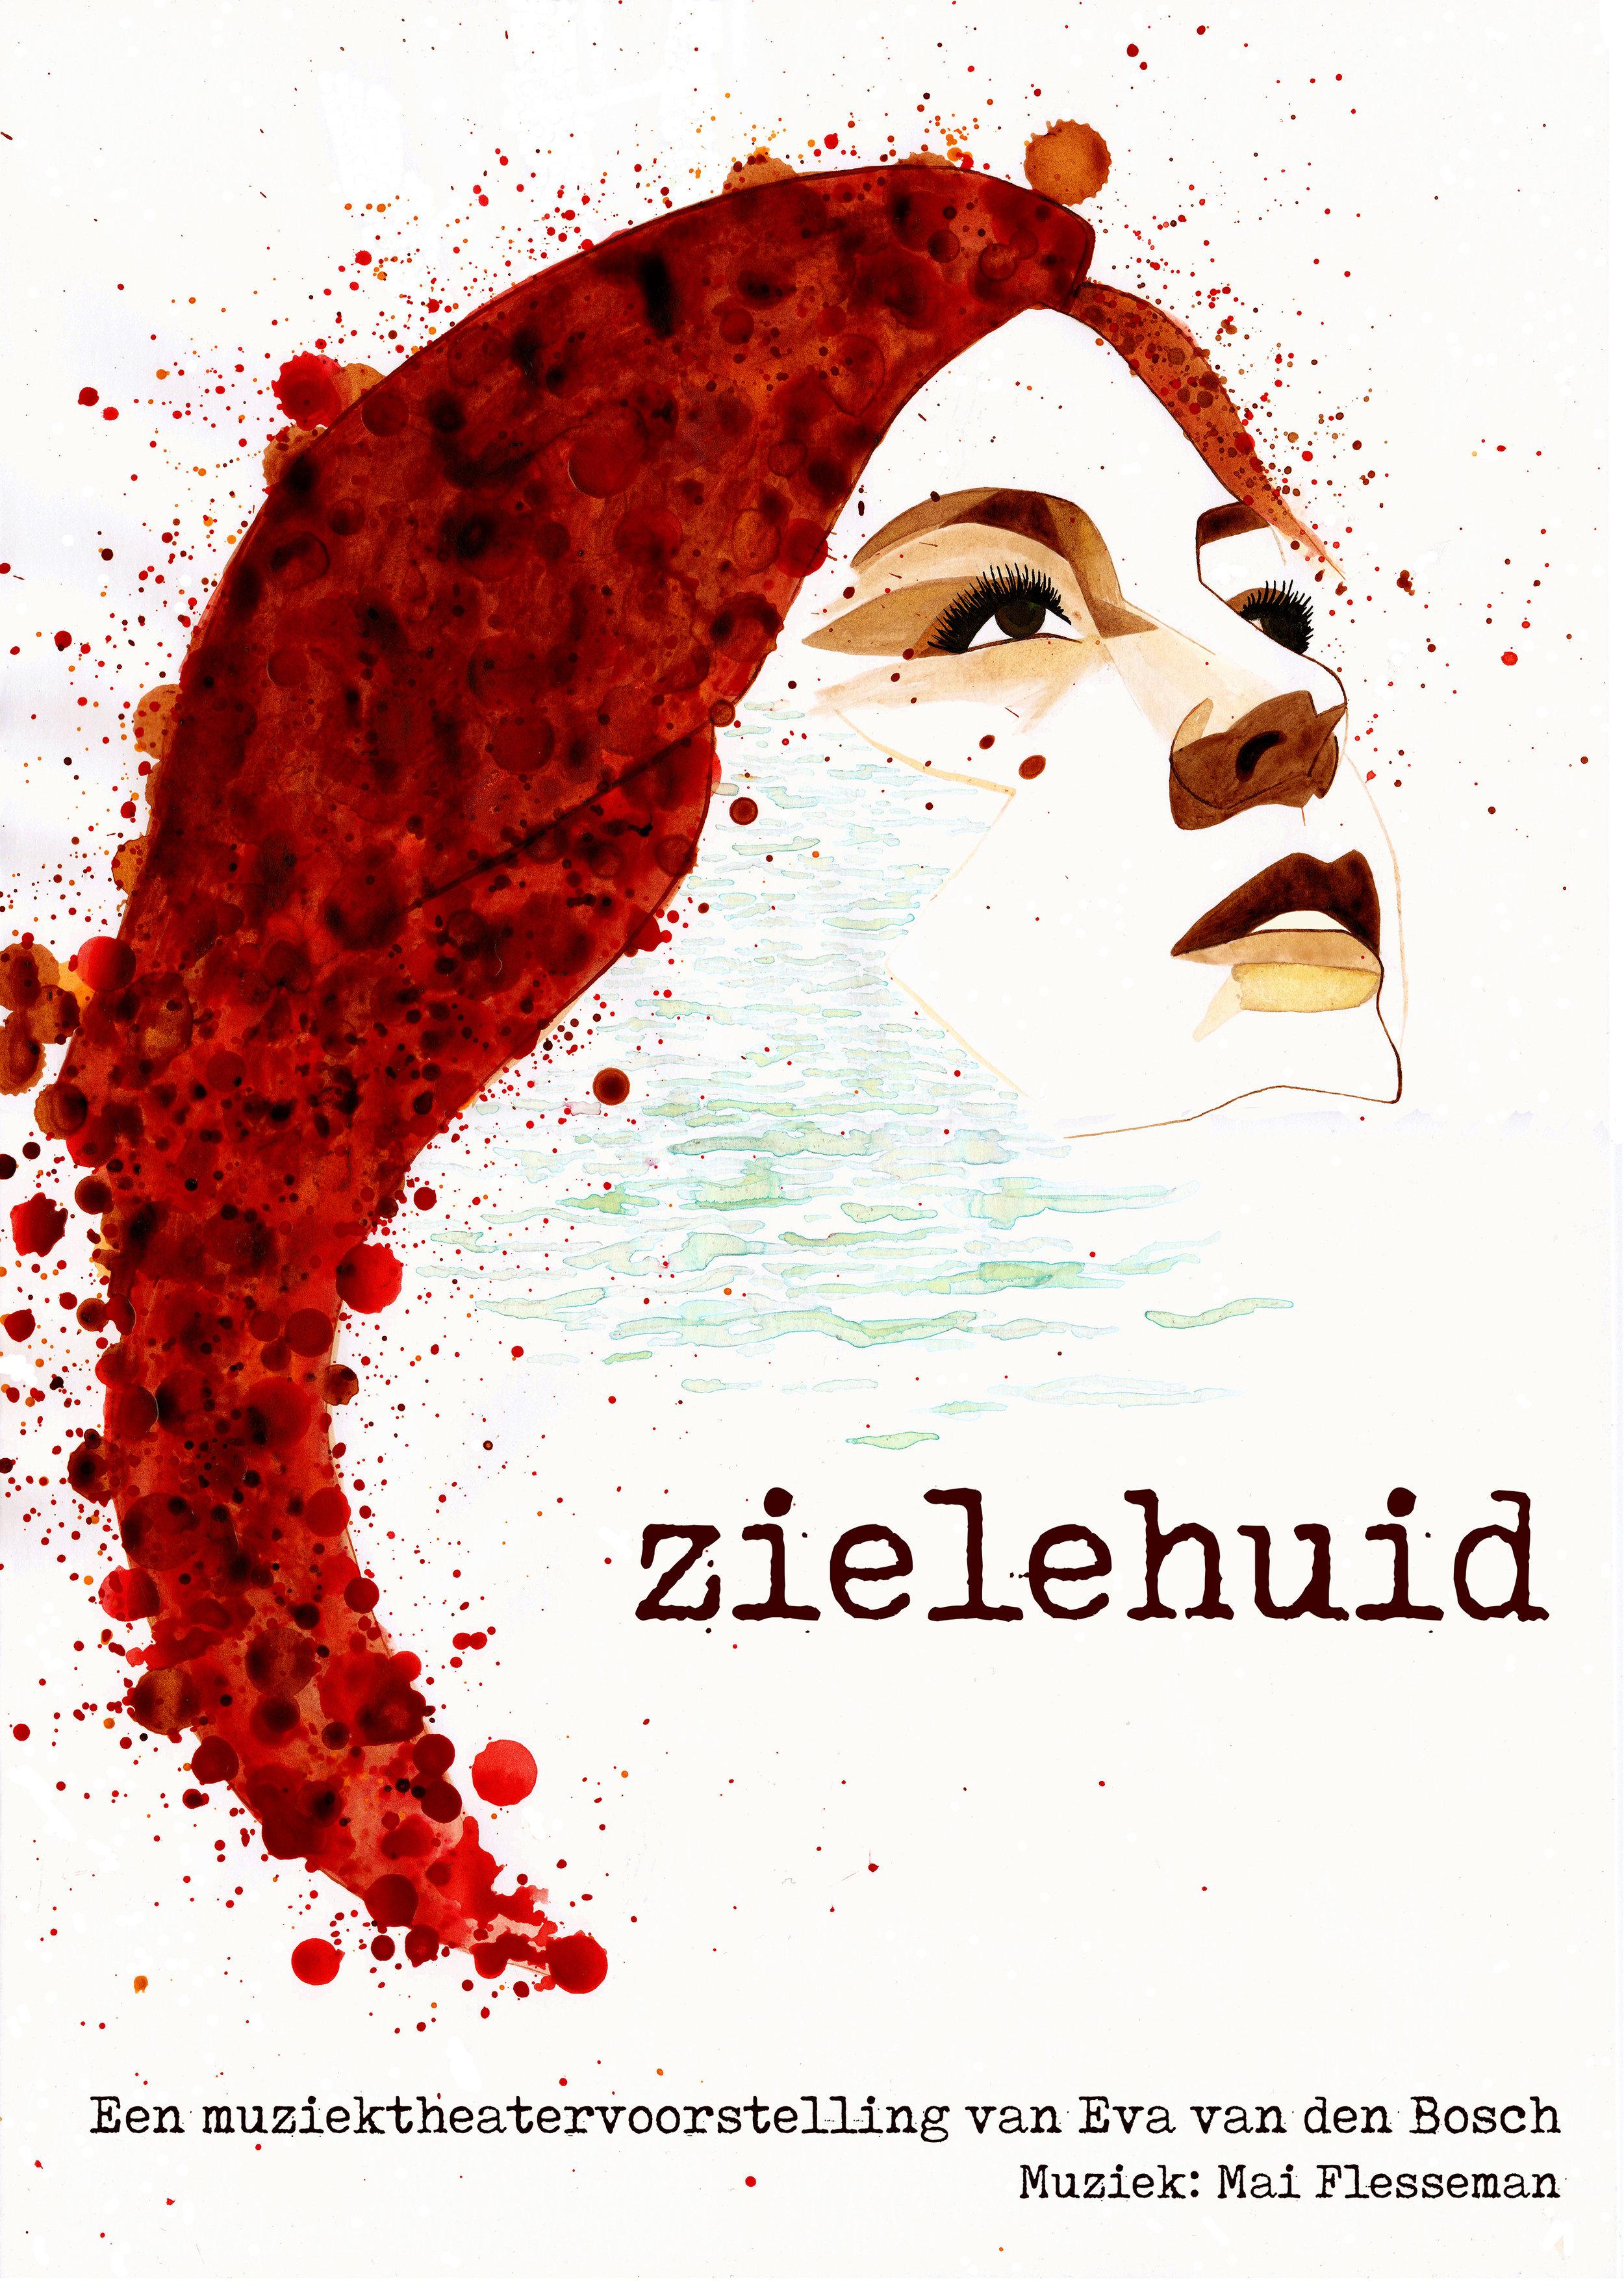 Eva Zielehuid bewerkt met tekst A3kopie kleiner.jpg